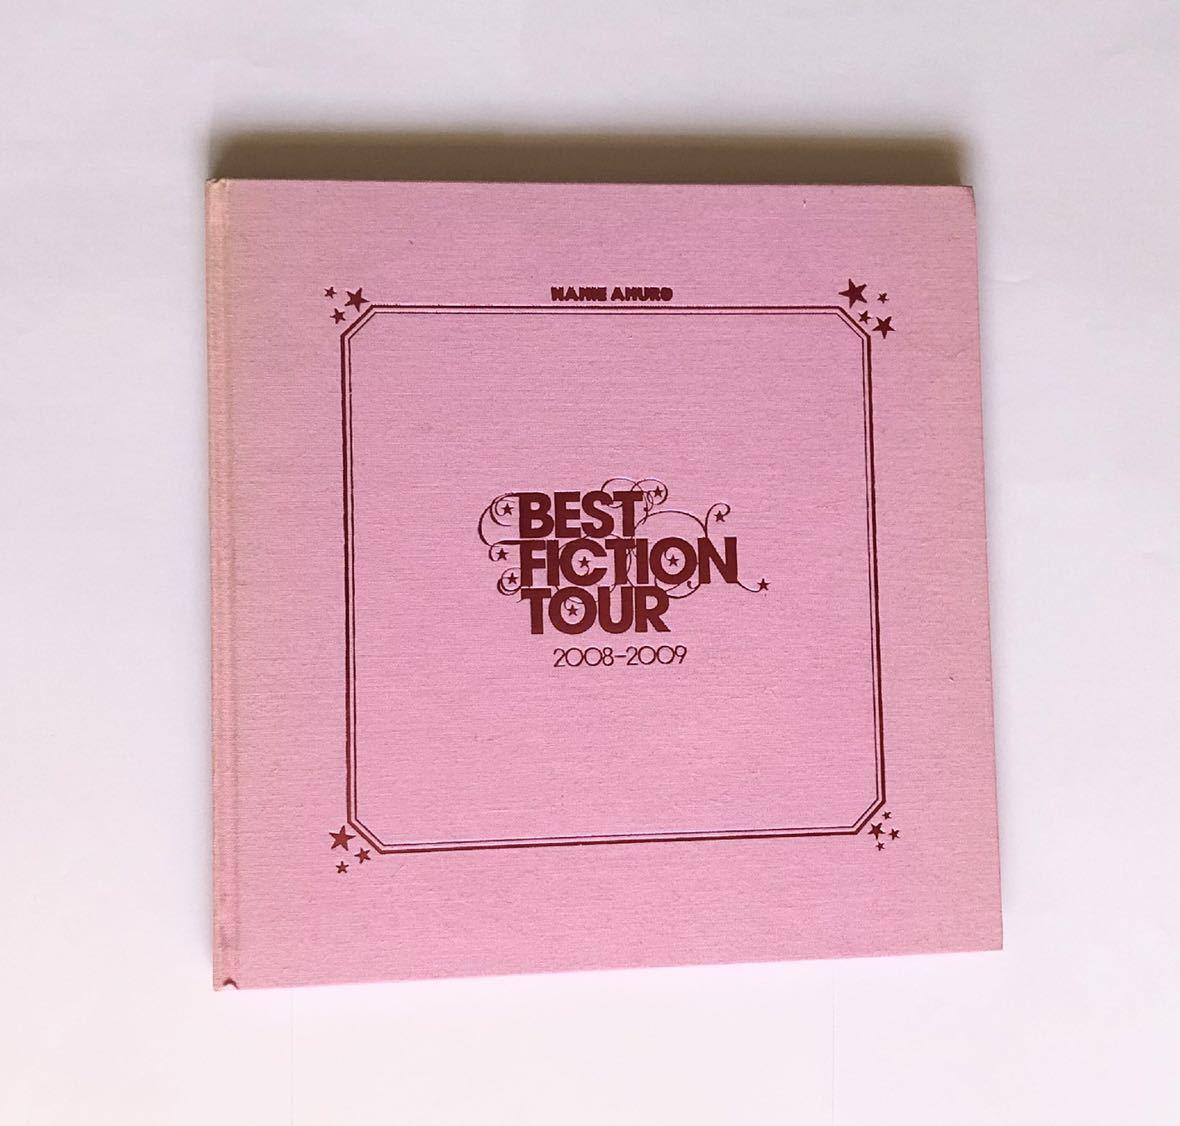 安室奈美恵 BEST FICTION TOUR 2008-2009 パンフレット 写真集 namie amuro 安室ちゃん パンフ ツアー